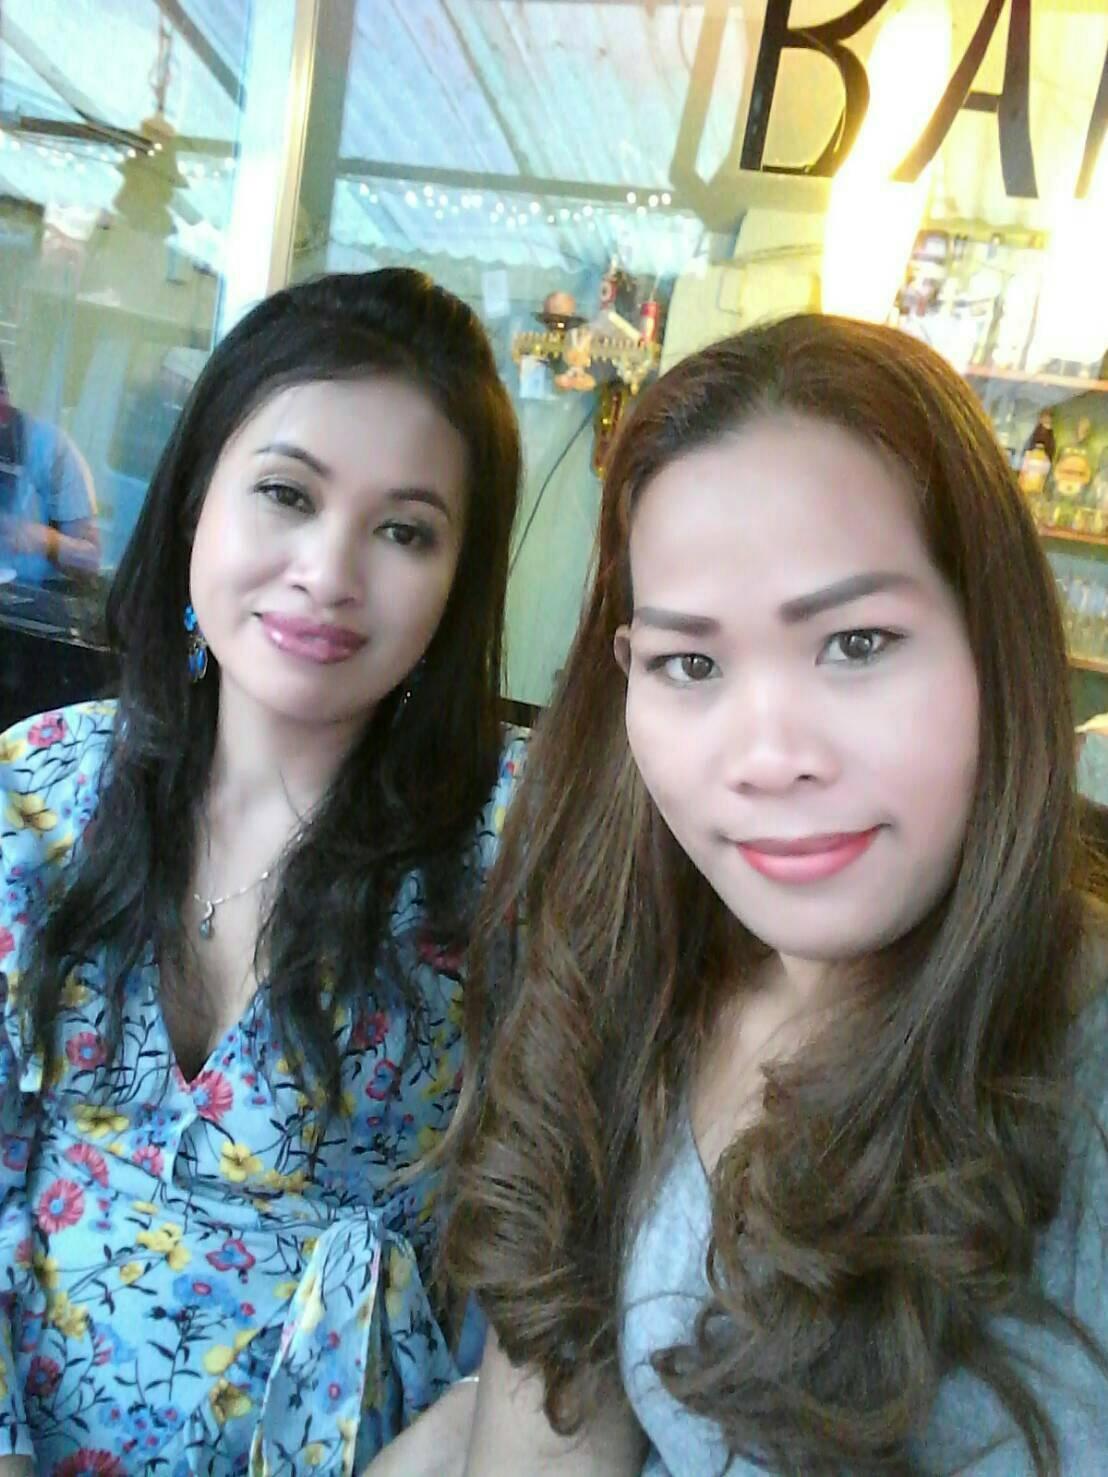 Frauen preise thailand Partnervermittlung Thailand